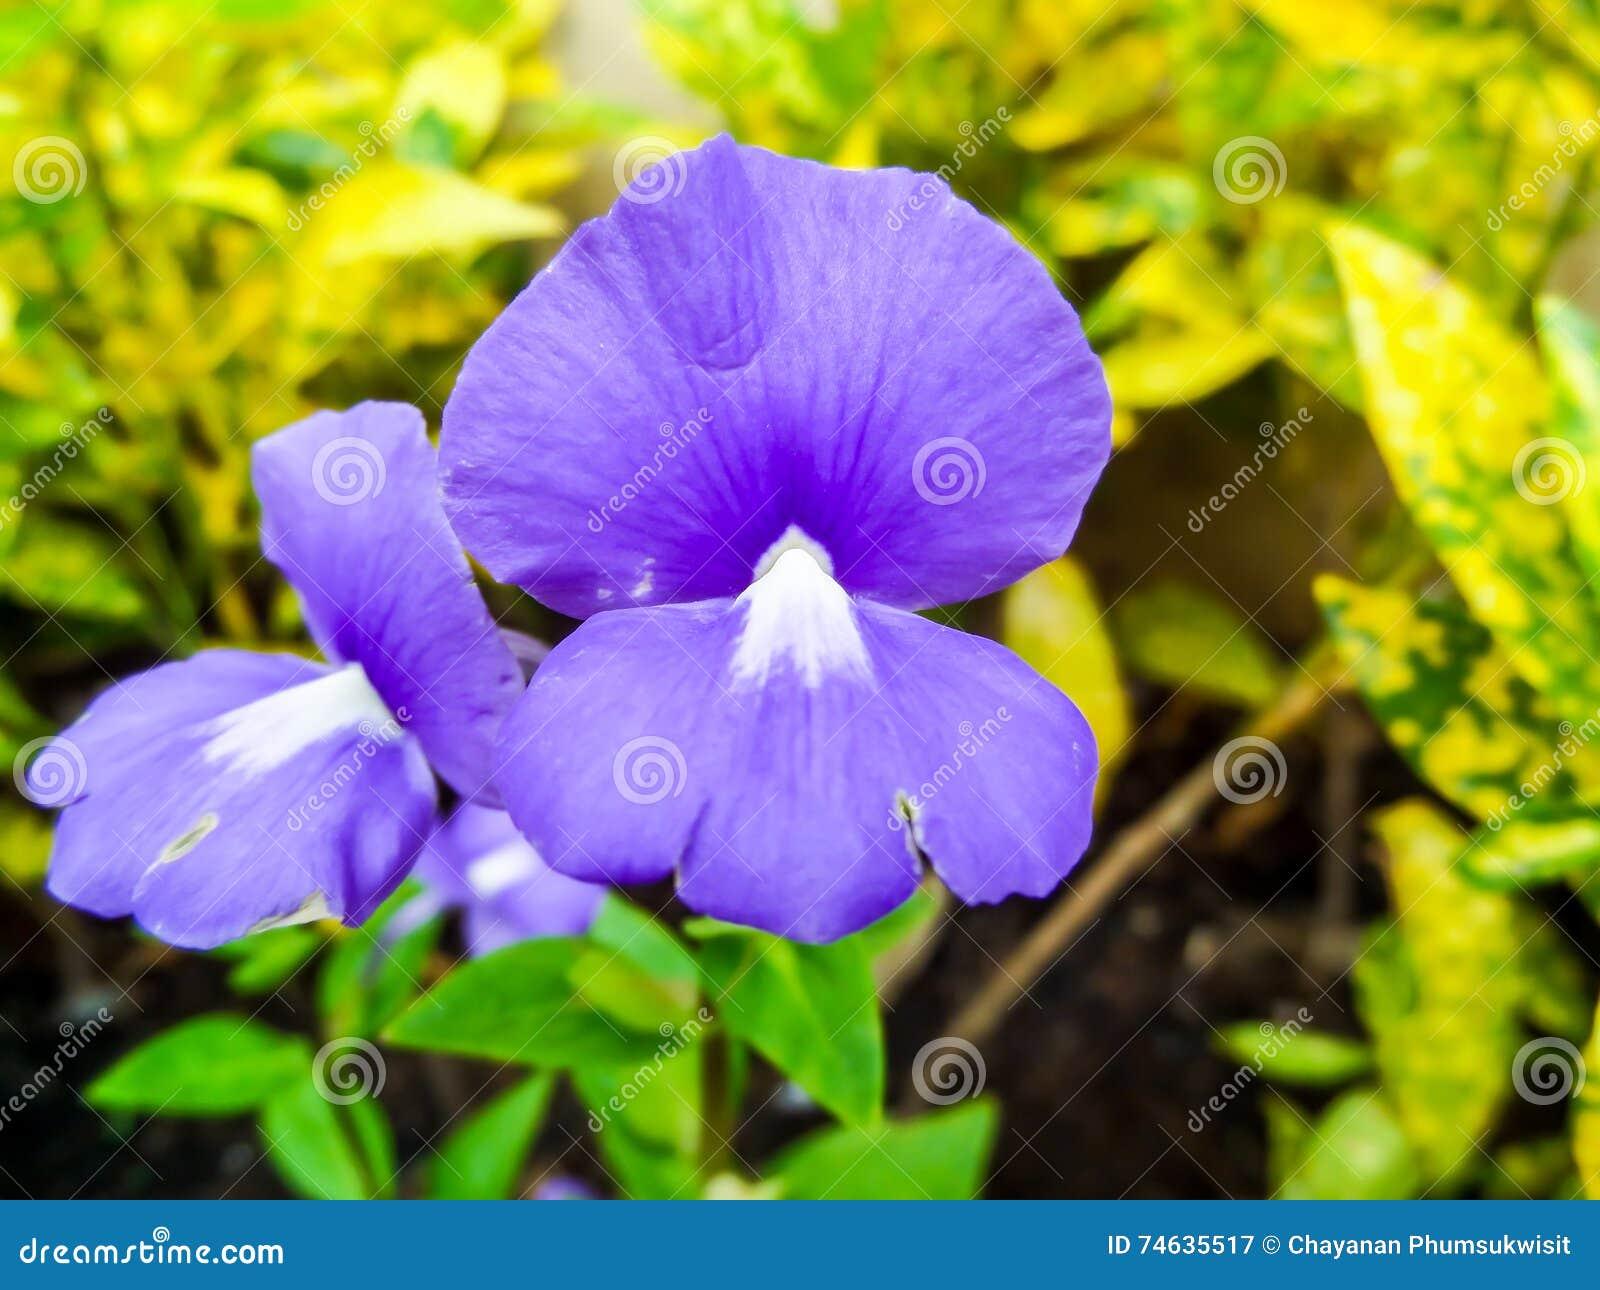 Caeruleus D Otacanthus Le Nom De La Fleur Blanche Pourpre Thailande